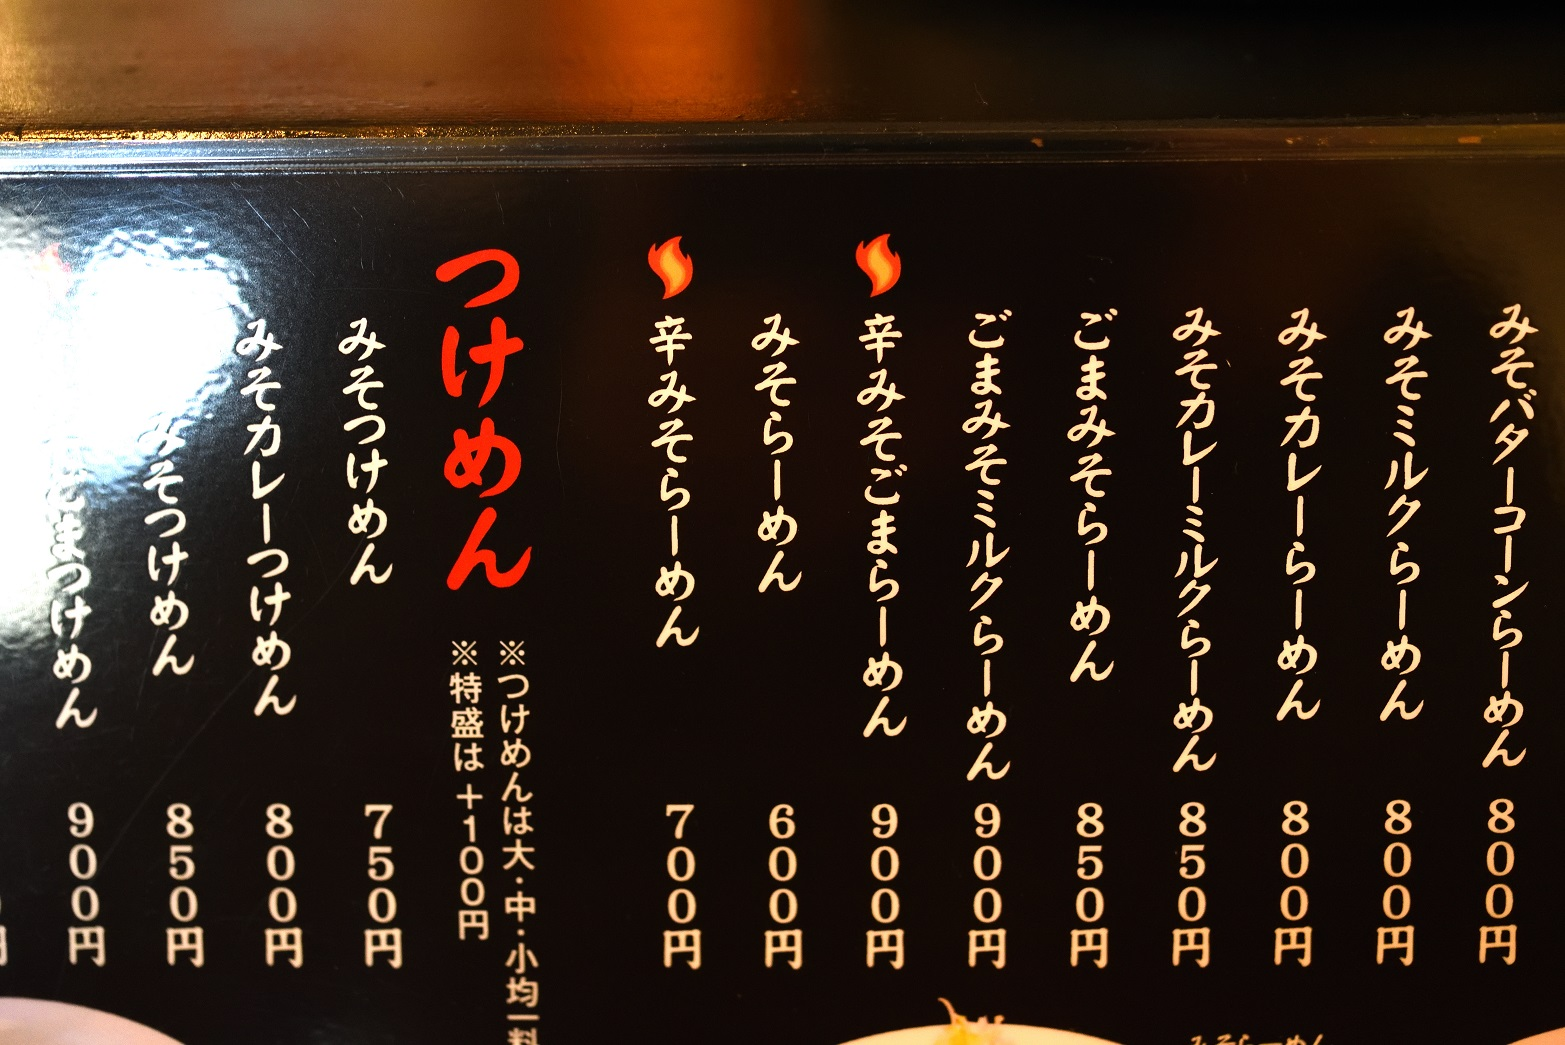 北海道みそらーめん専門店 志のや メニュー